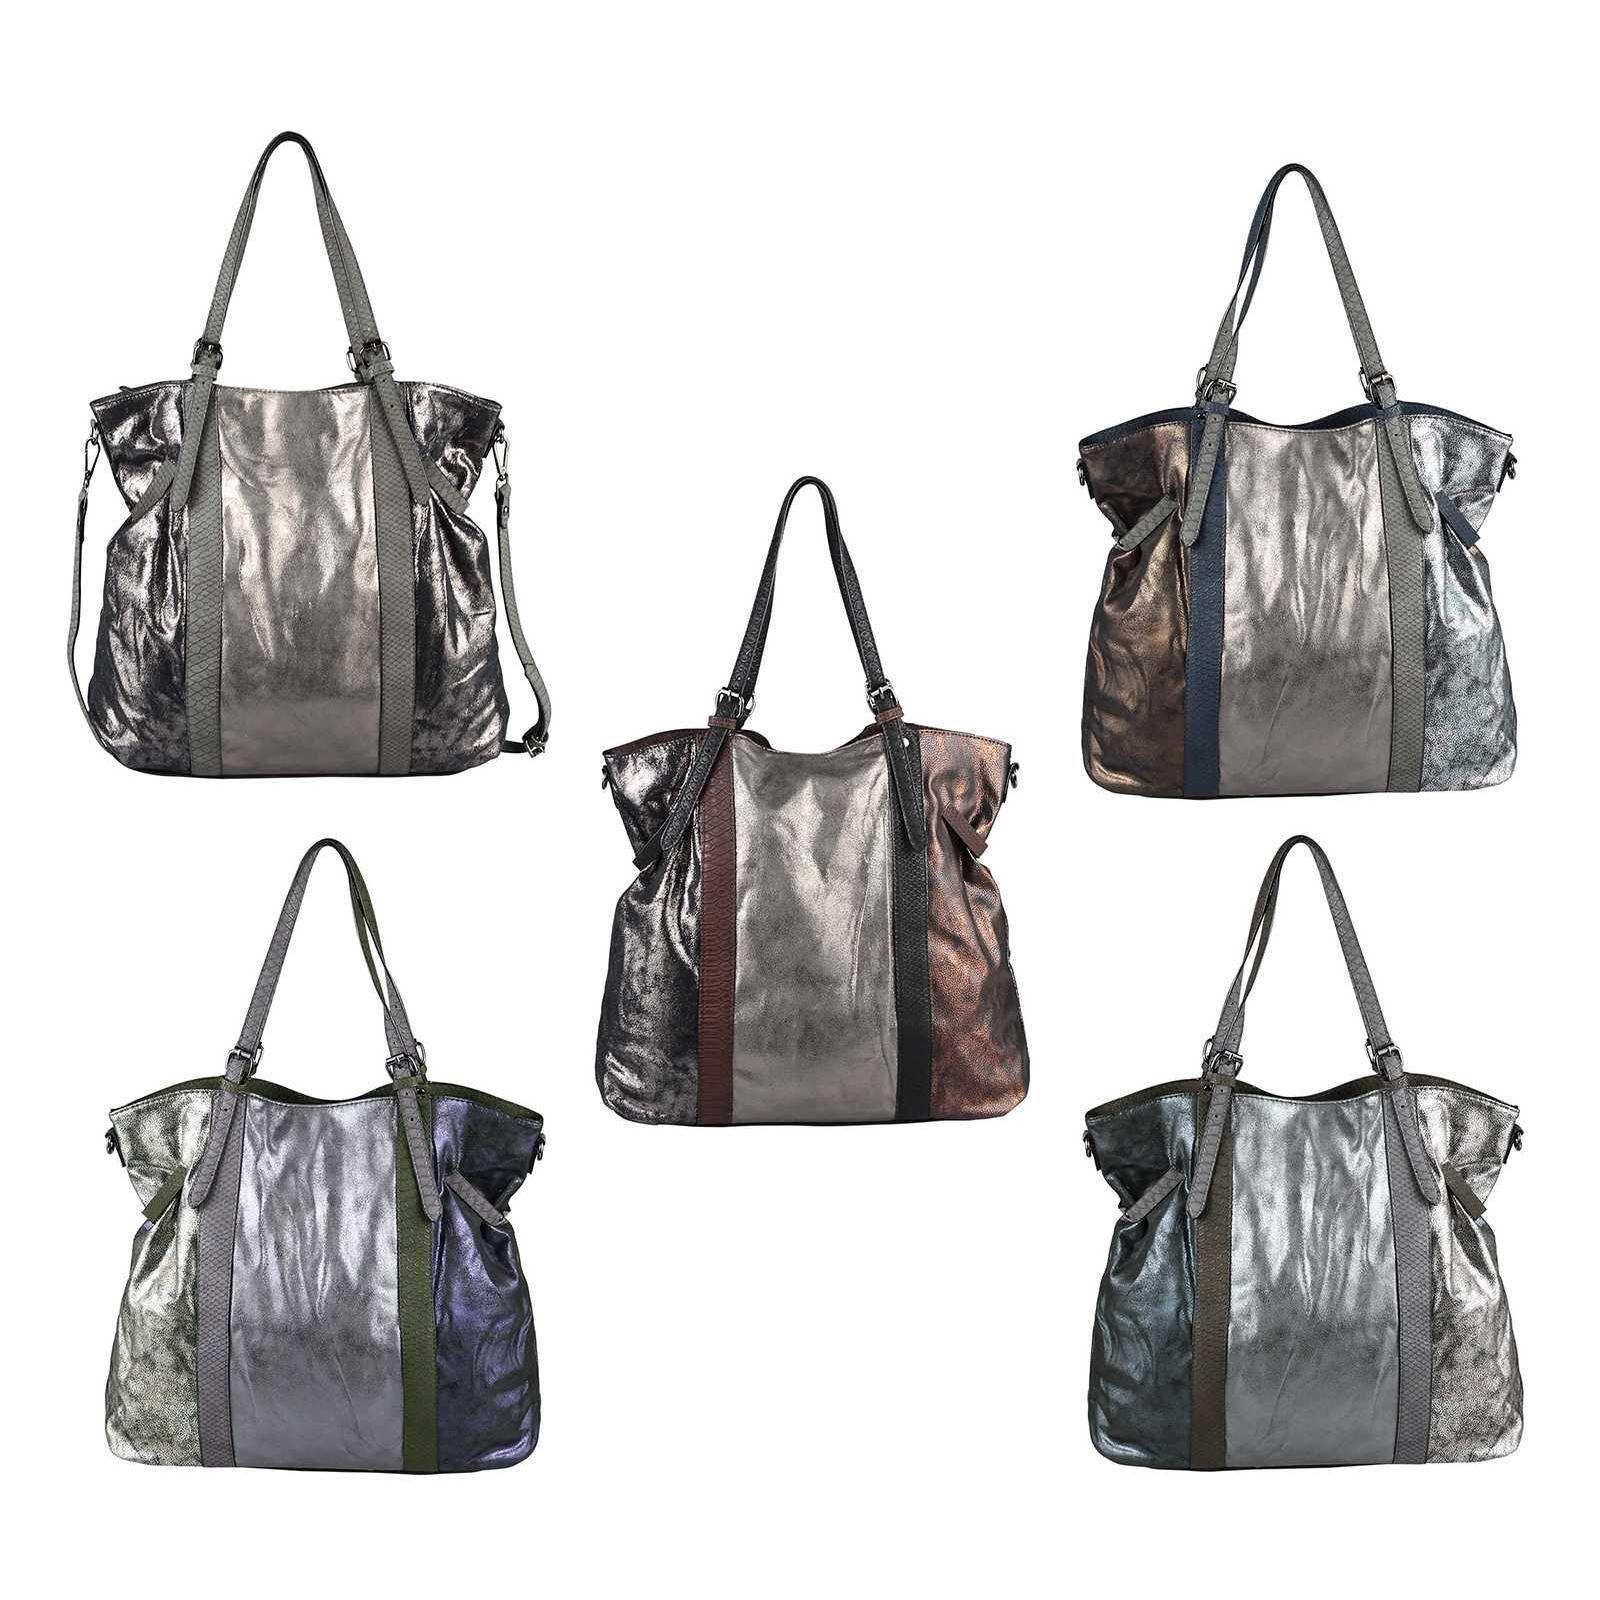 OBC BOLSO DE MANO PARA MUJER Shopper Hobo Bag Bolso de hombro Bolso de hombro Bolso con asa Bolso de cubo METALLIC Silver